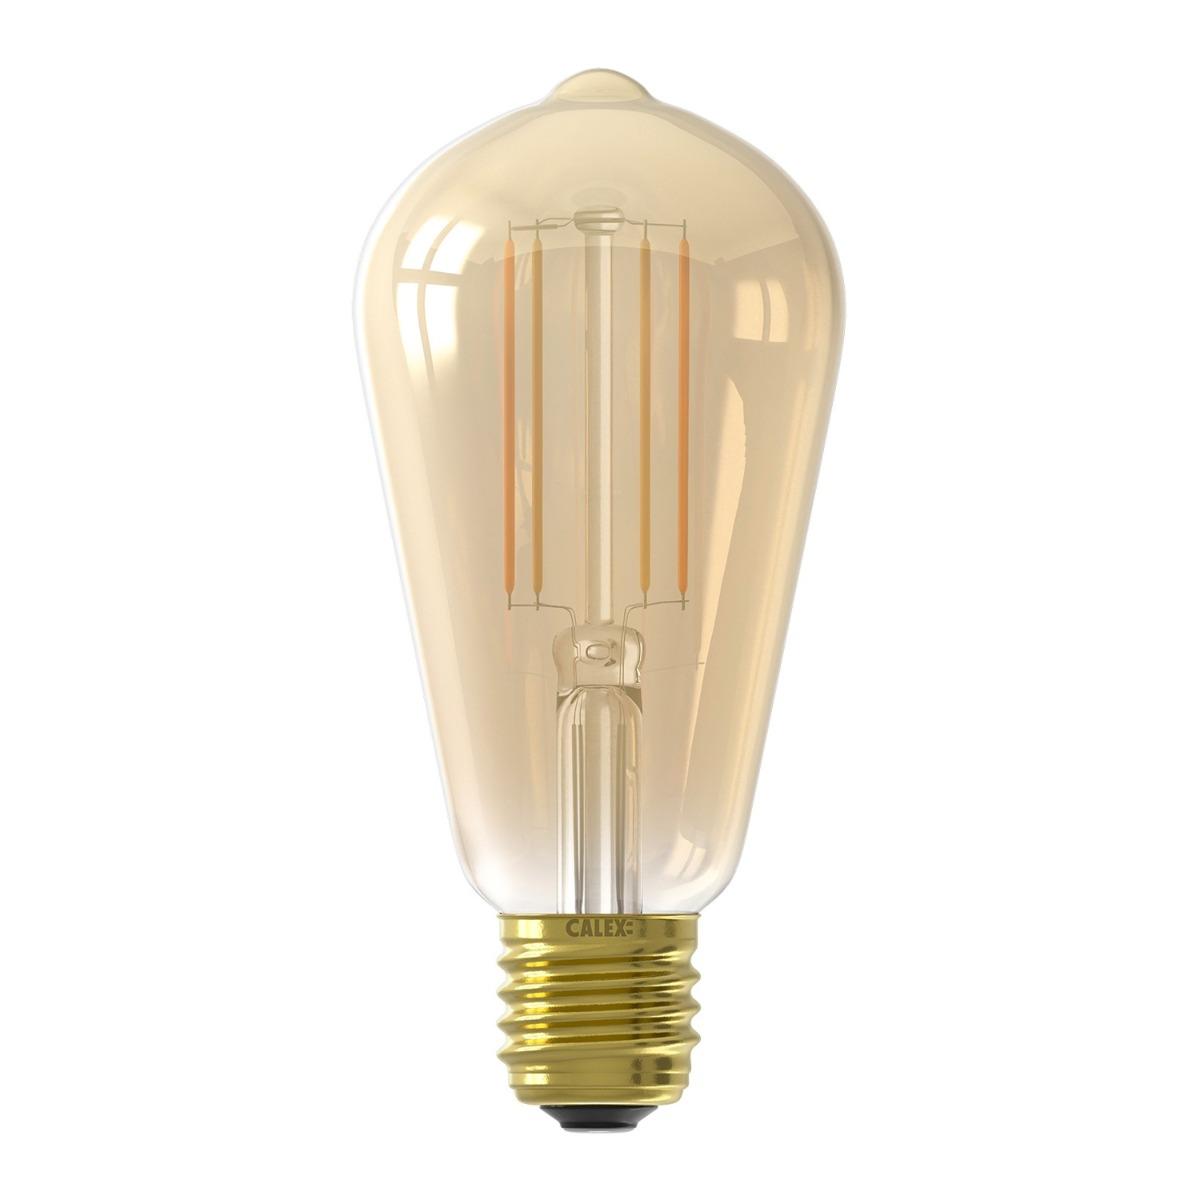 Outlight Smart Home E27 7W 1800-3000K Ec. 429092